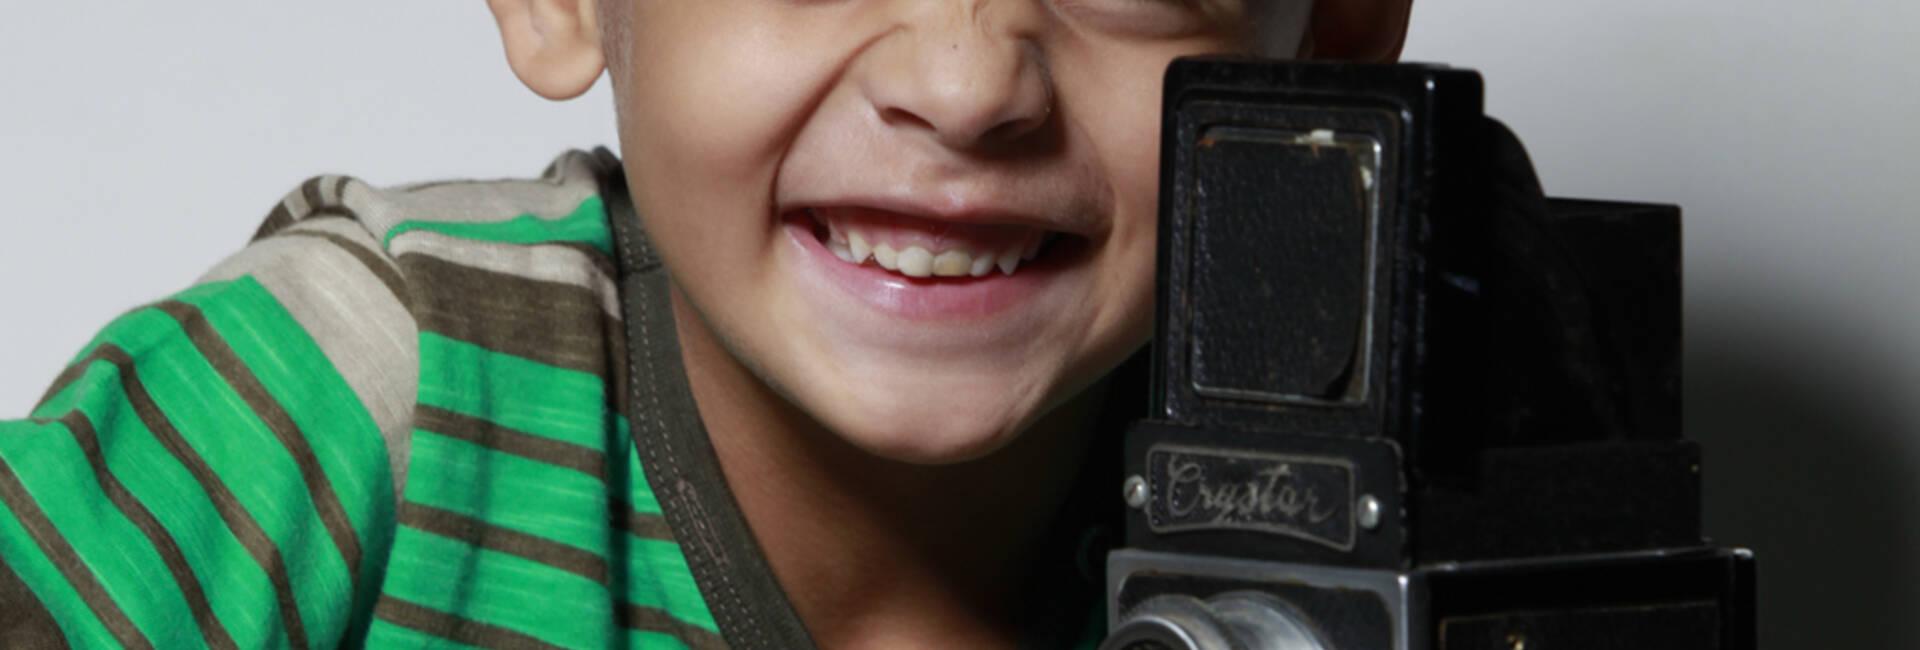 Book Infantil de Ensaio Fotográfico do Rafa, Valeu!!!